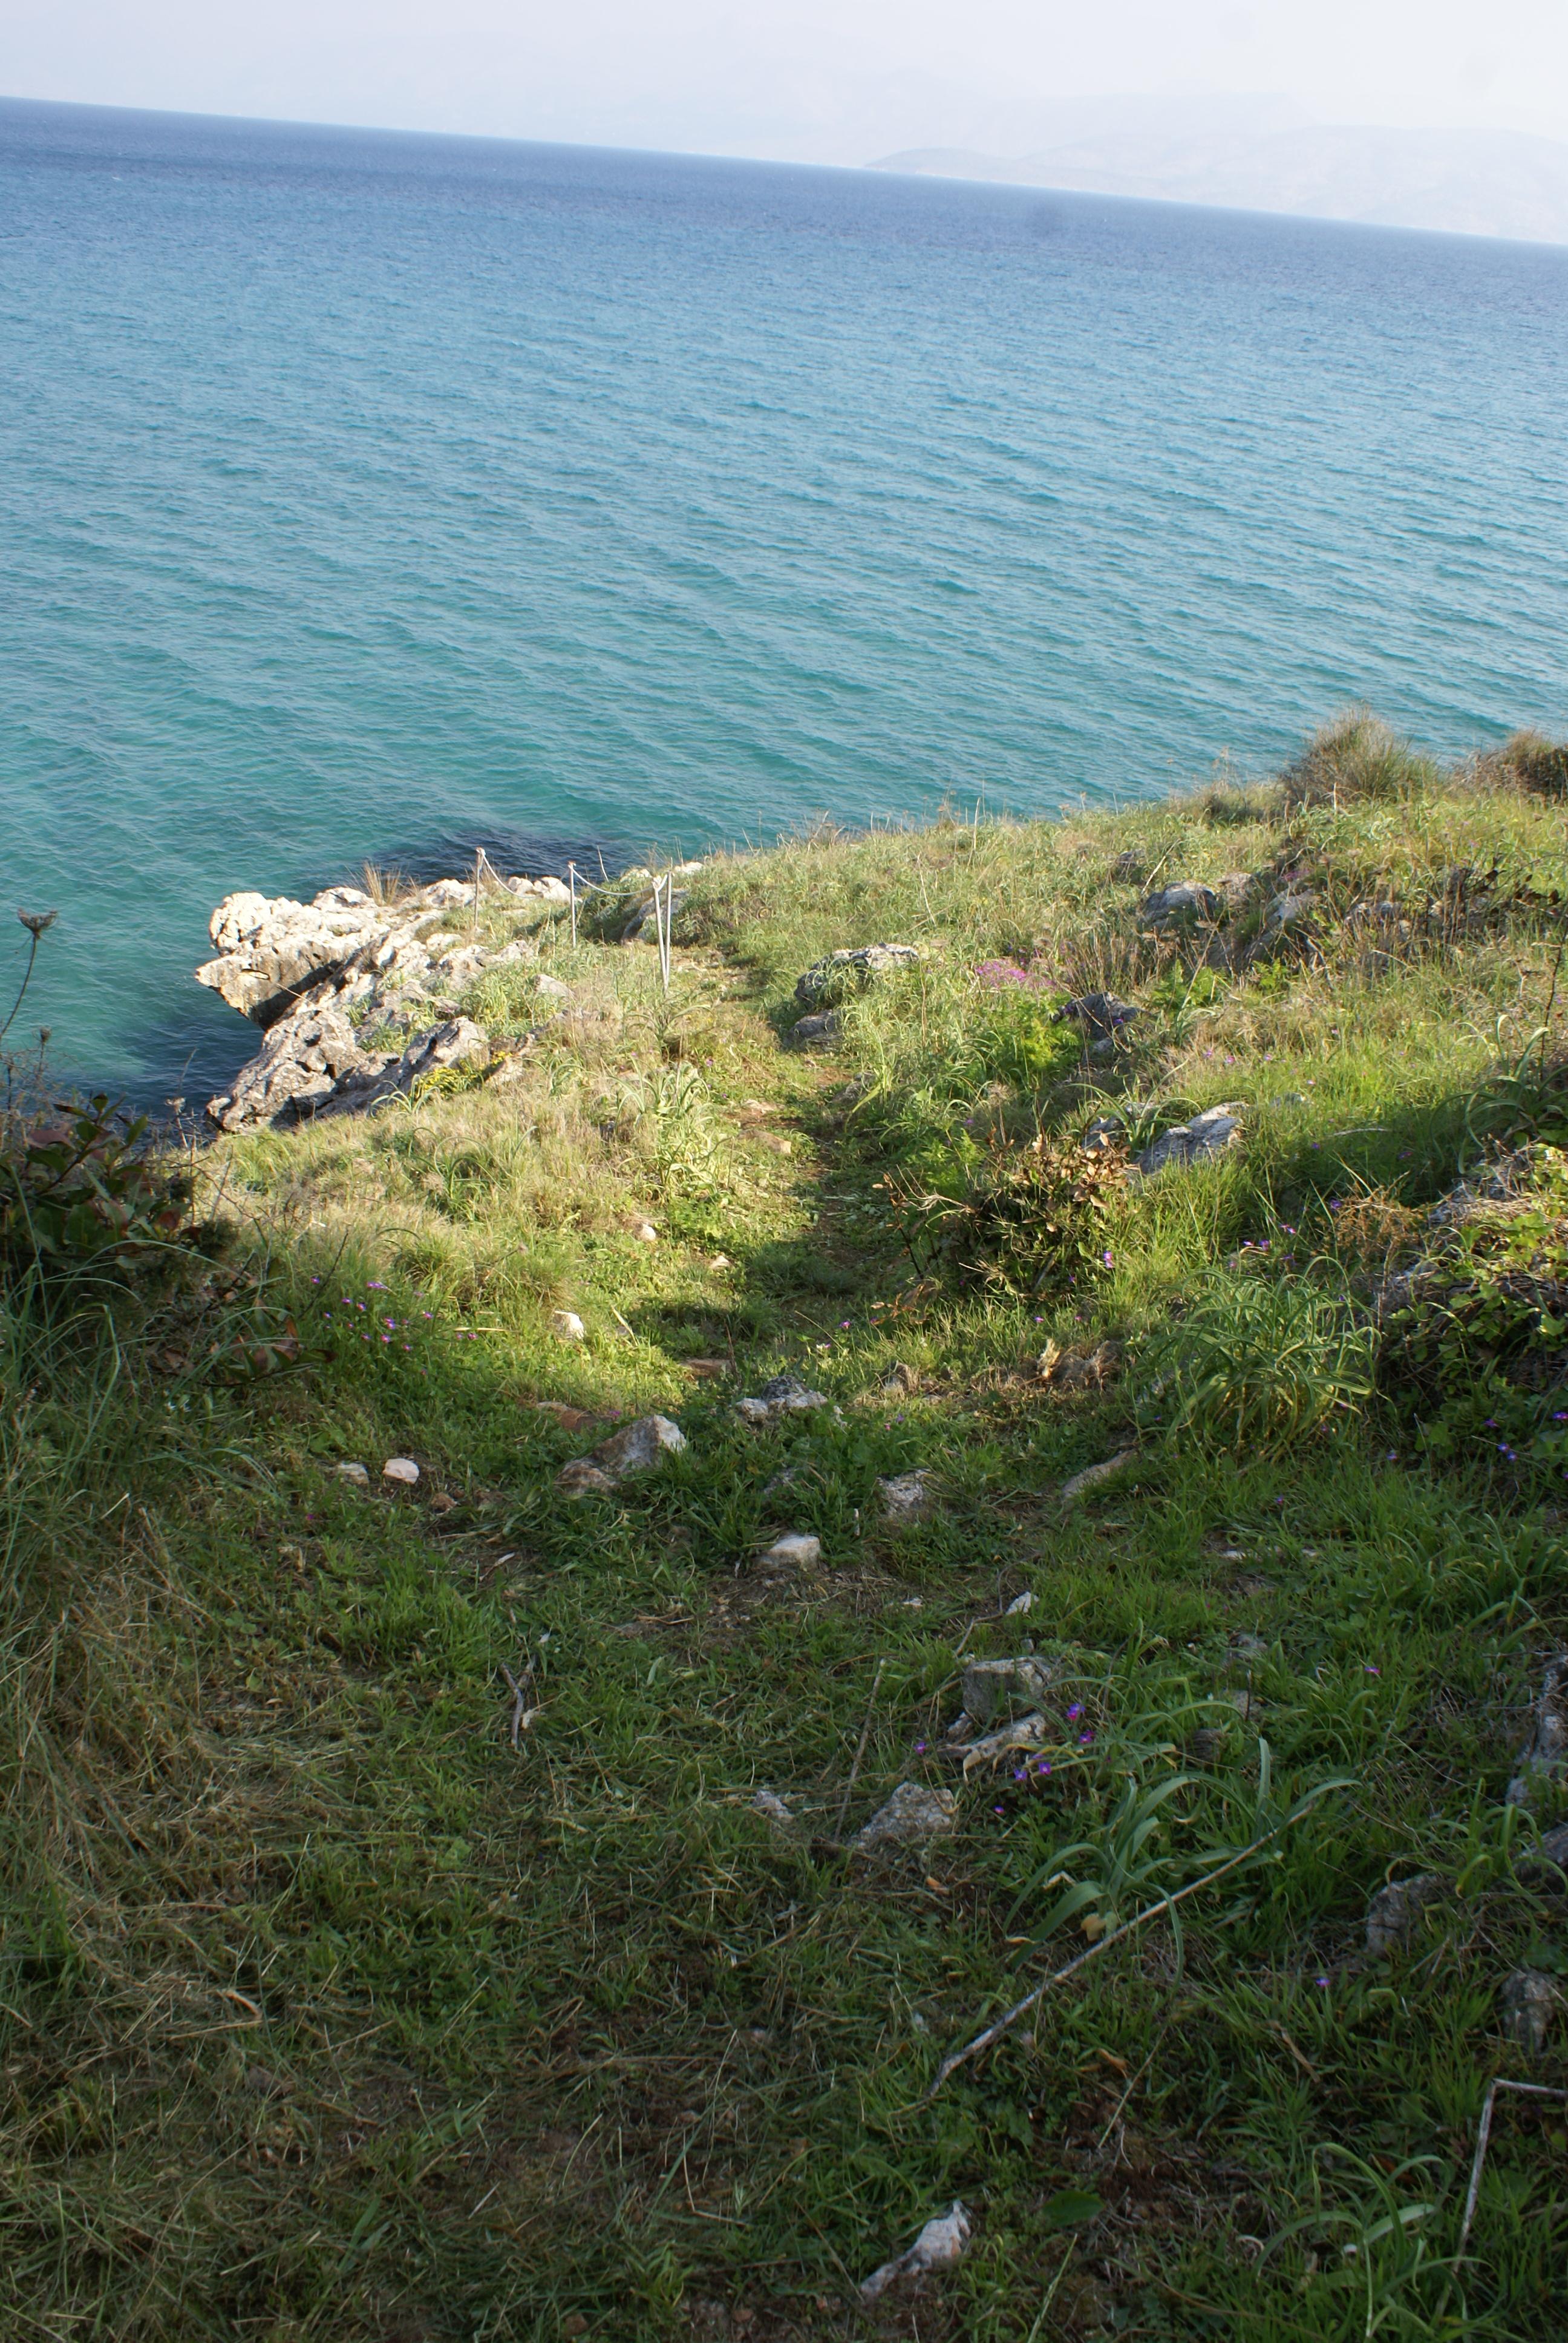 Pfad zum Meer - Korfu Villa Steilküste, Agios Spiridon, Korfu, Griechenland